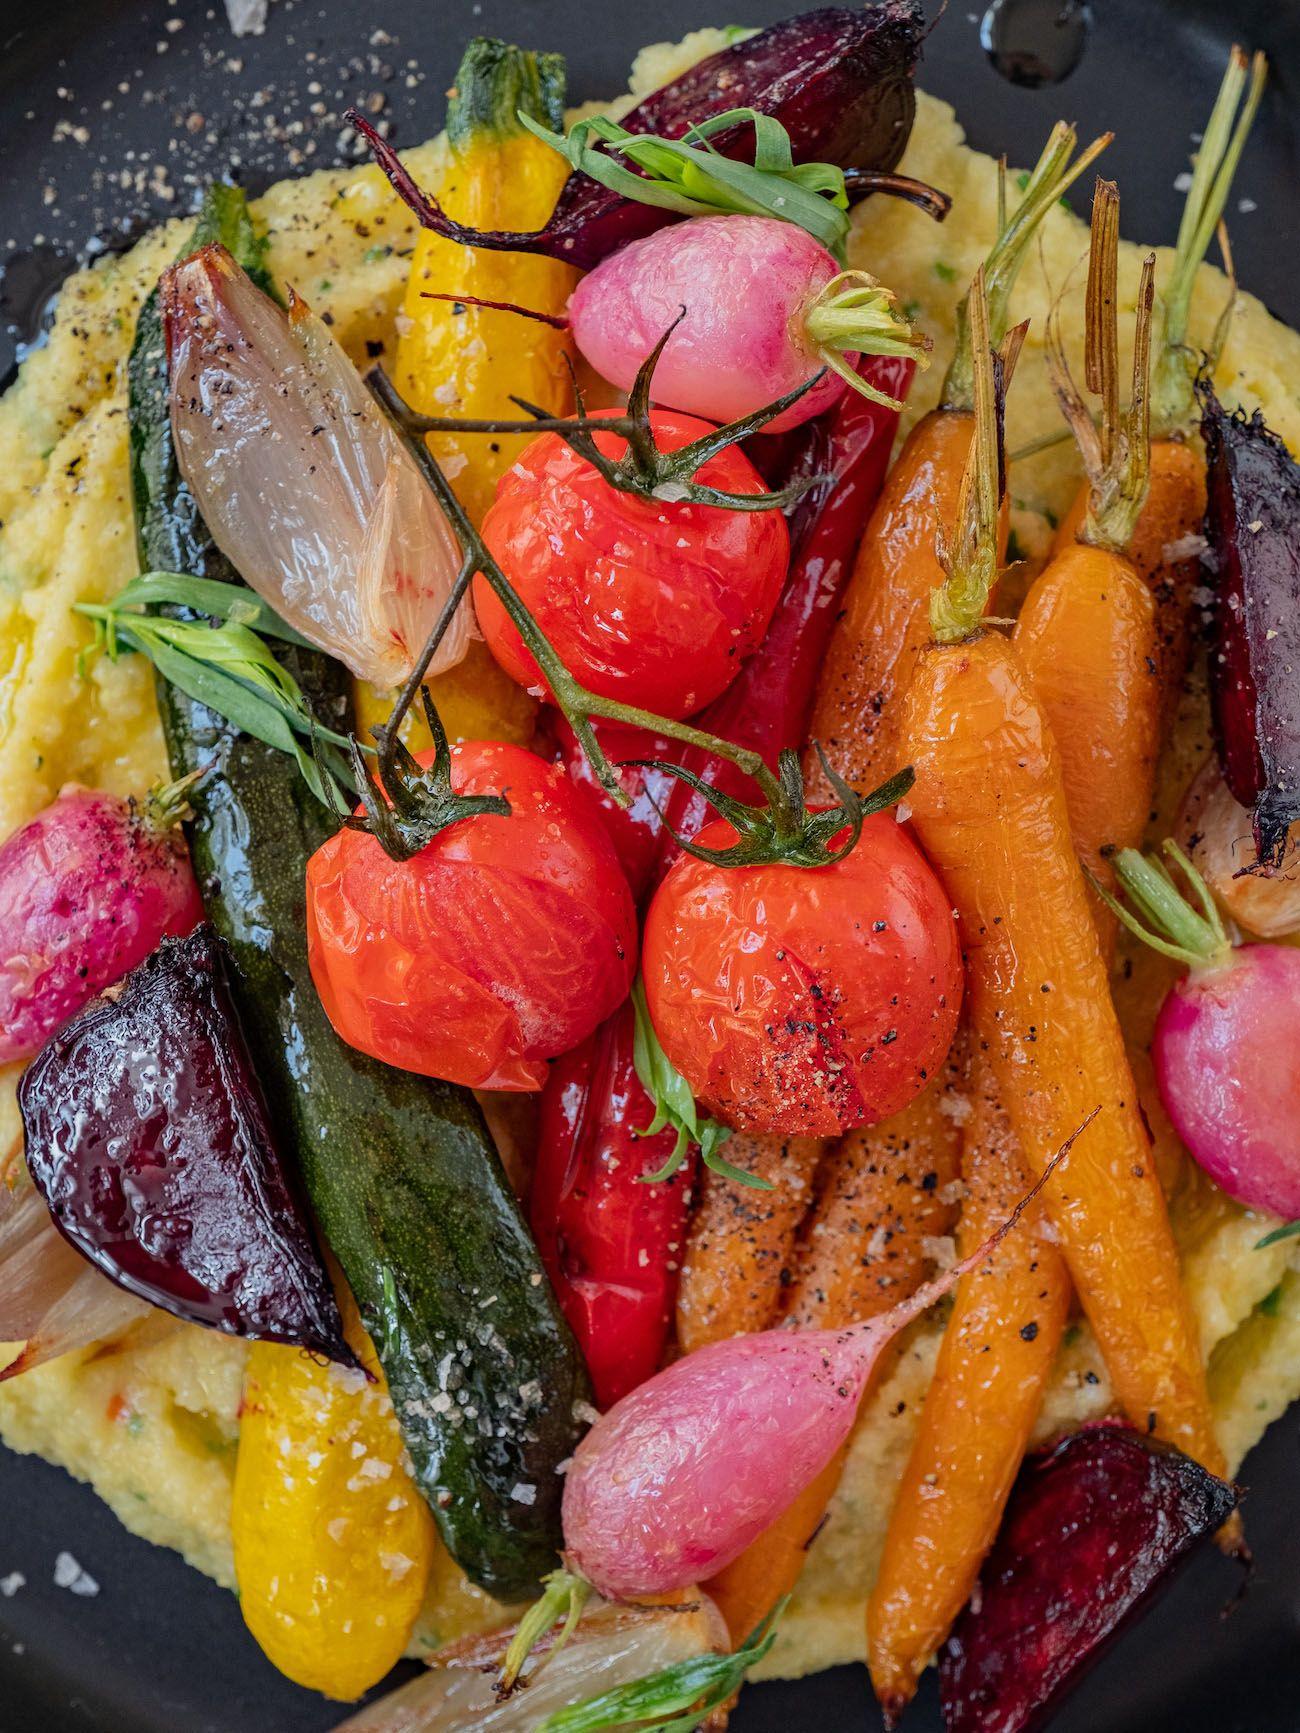 Rezept, Foodblo, About Fuel, Cremige Polenta mit Sommergemüse, Tomaten, Zucchini